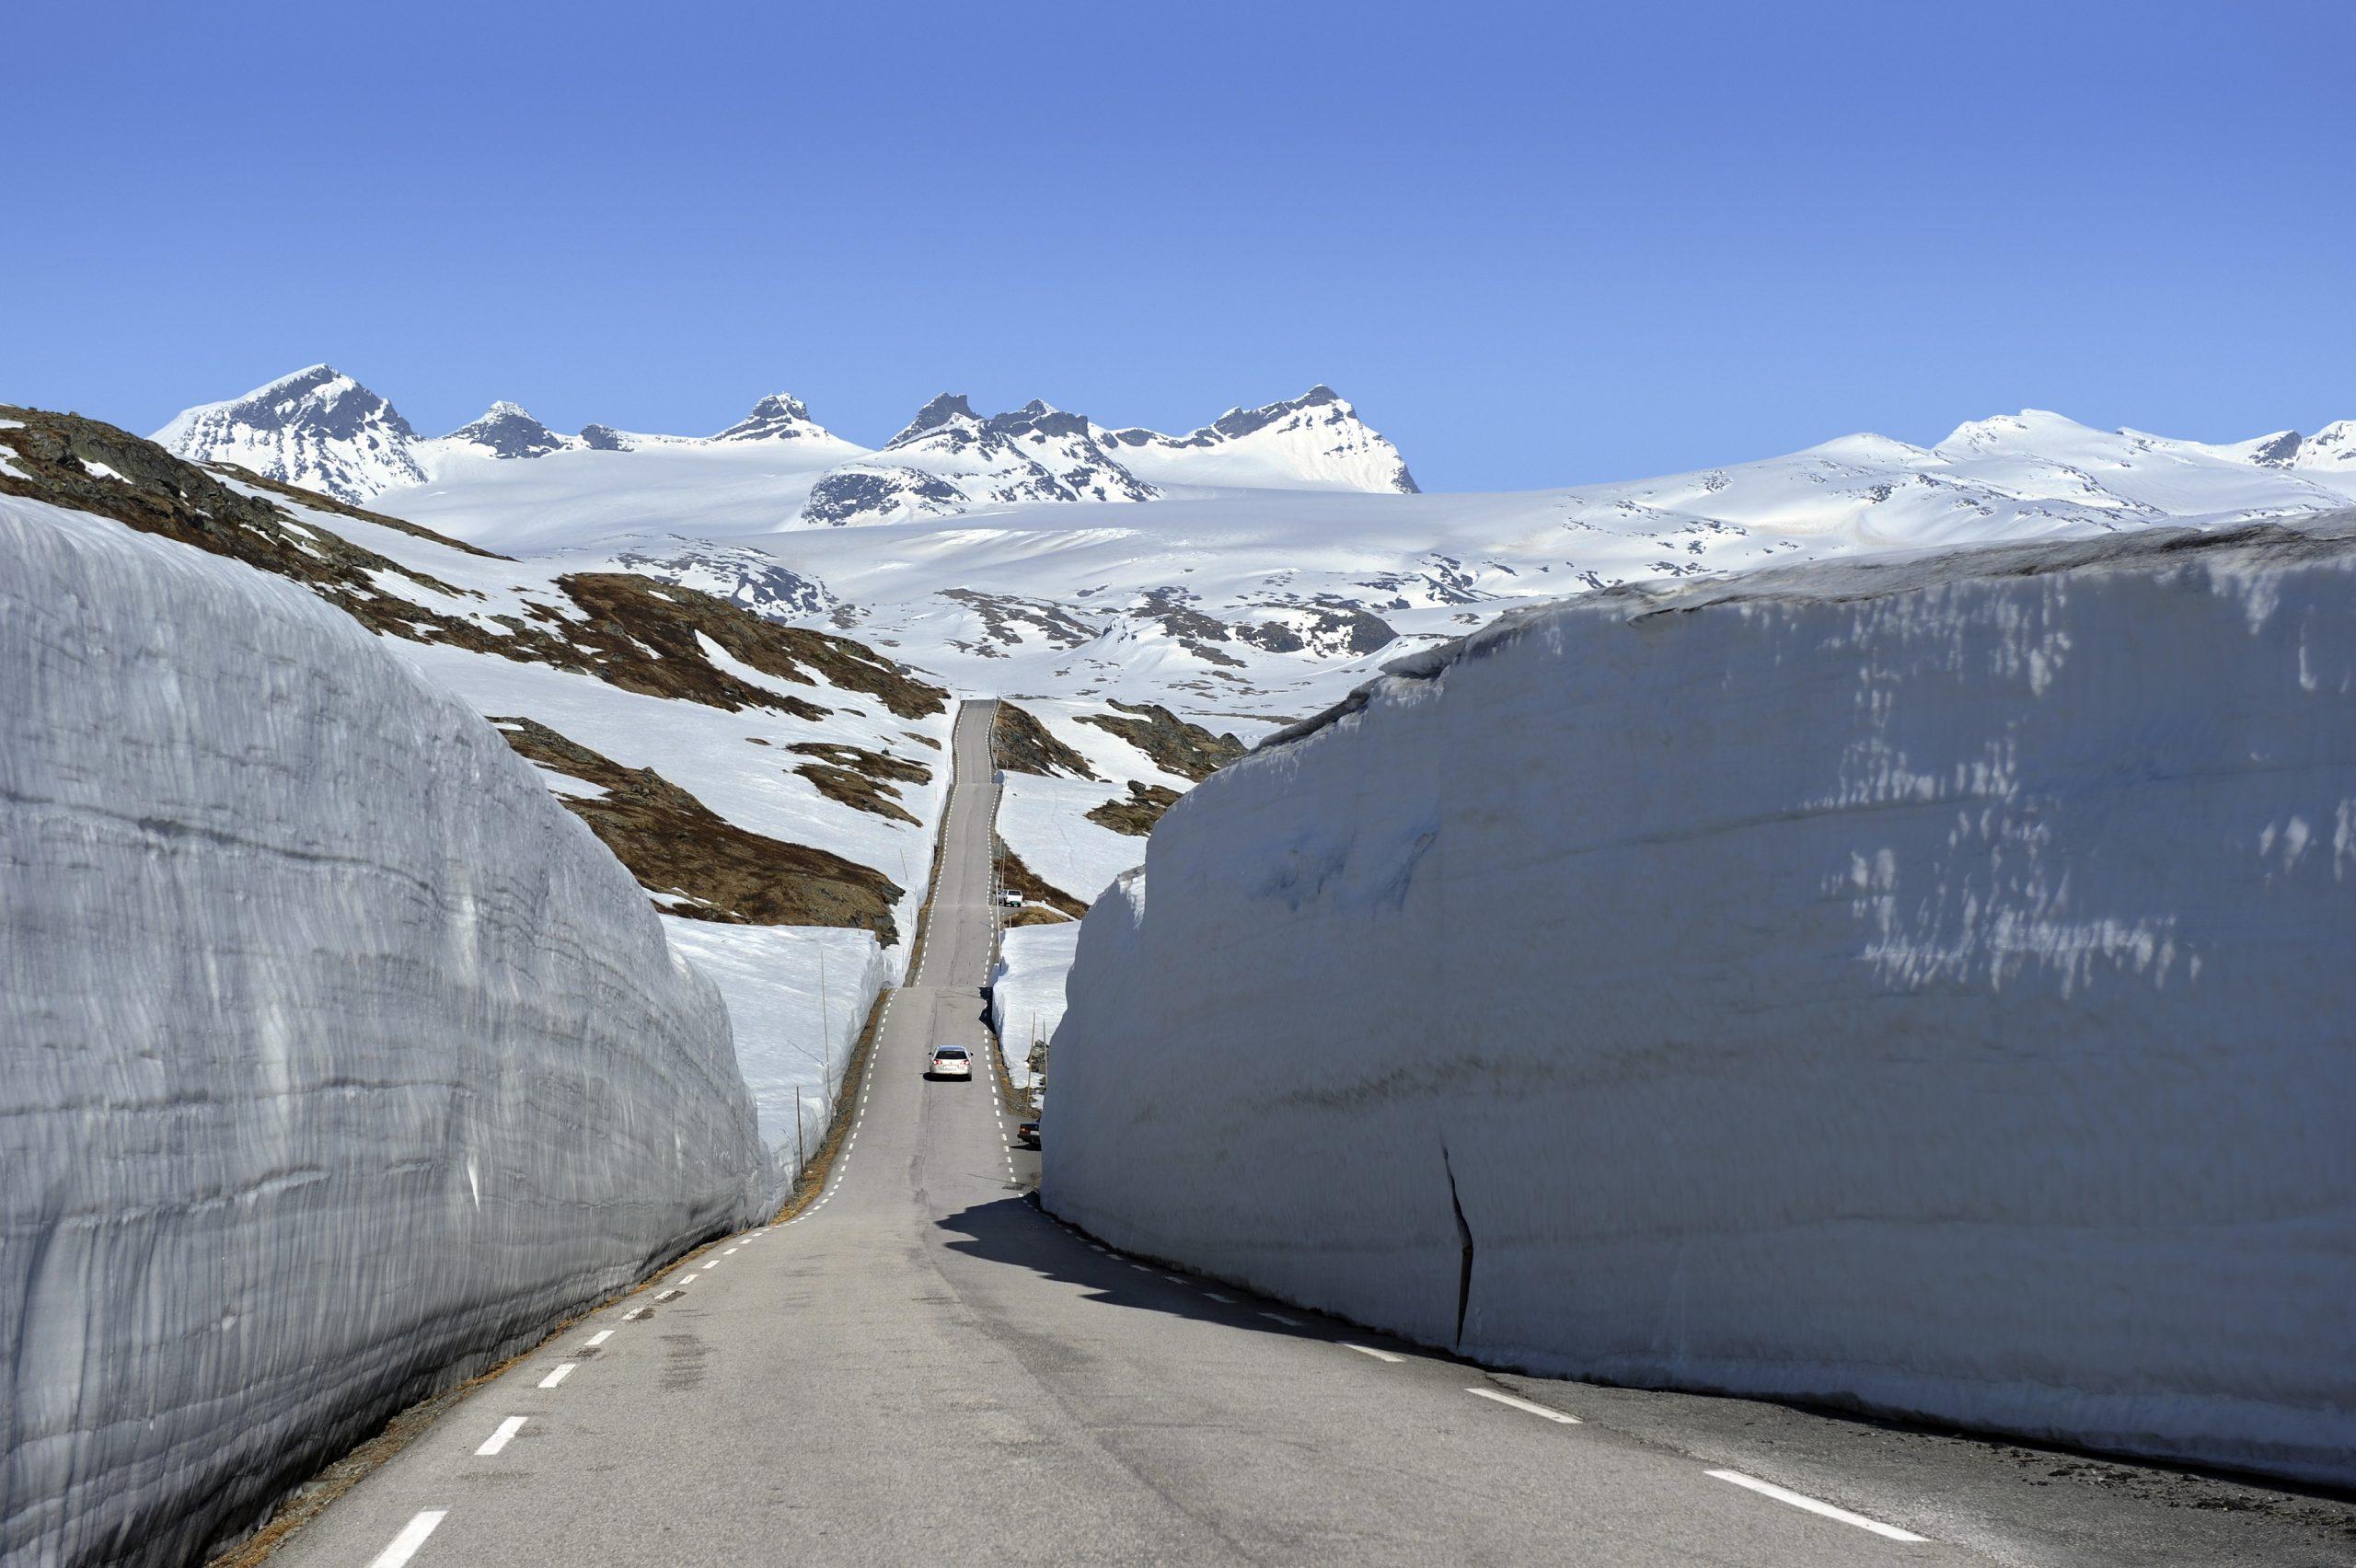 Riksveg 55 mellom brøytekanter ved Prestesteinsvatnet, Nasjonal Turistveg Sognefjellet. I det fjerne sees stortoppene ved Smørstabbreen.